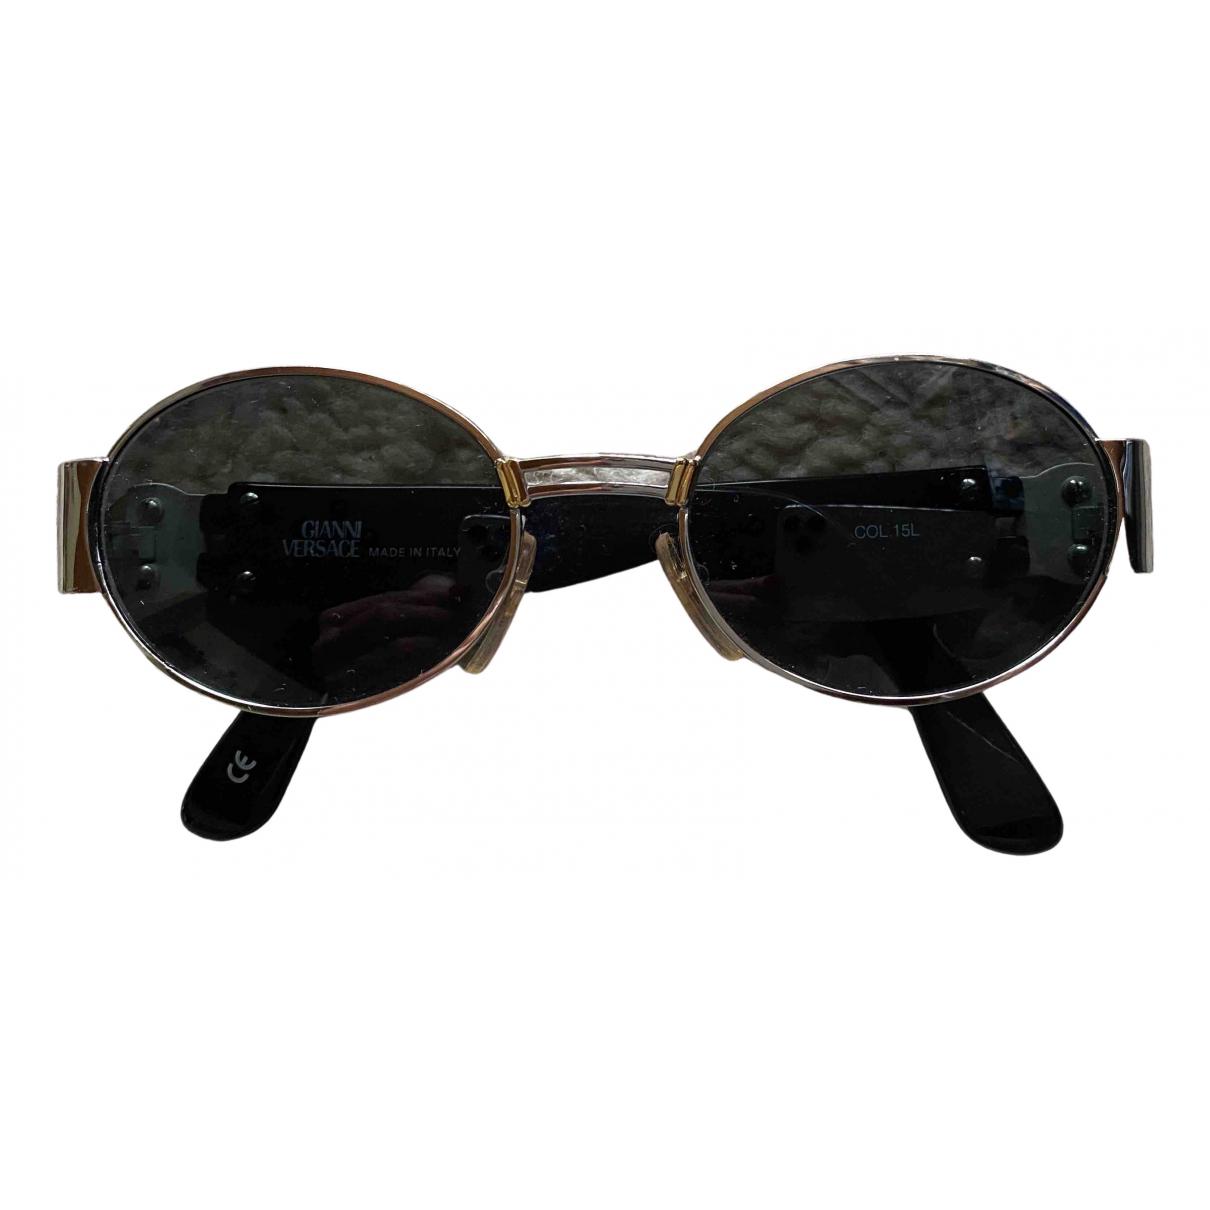 Gianni Versace \N Sonnenbrillen in  Silber Metall